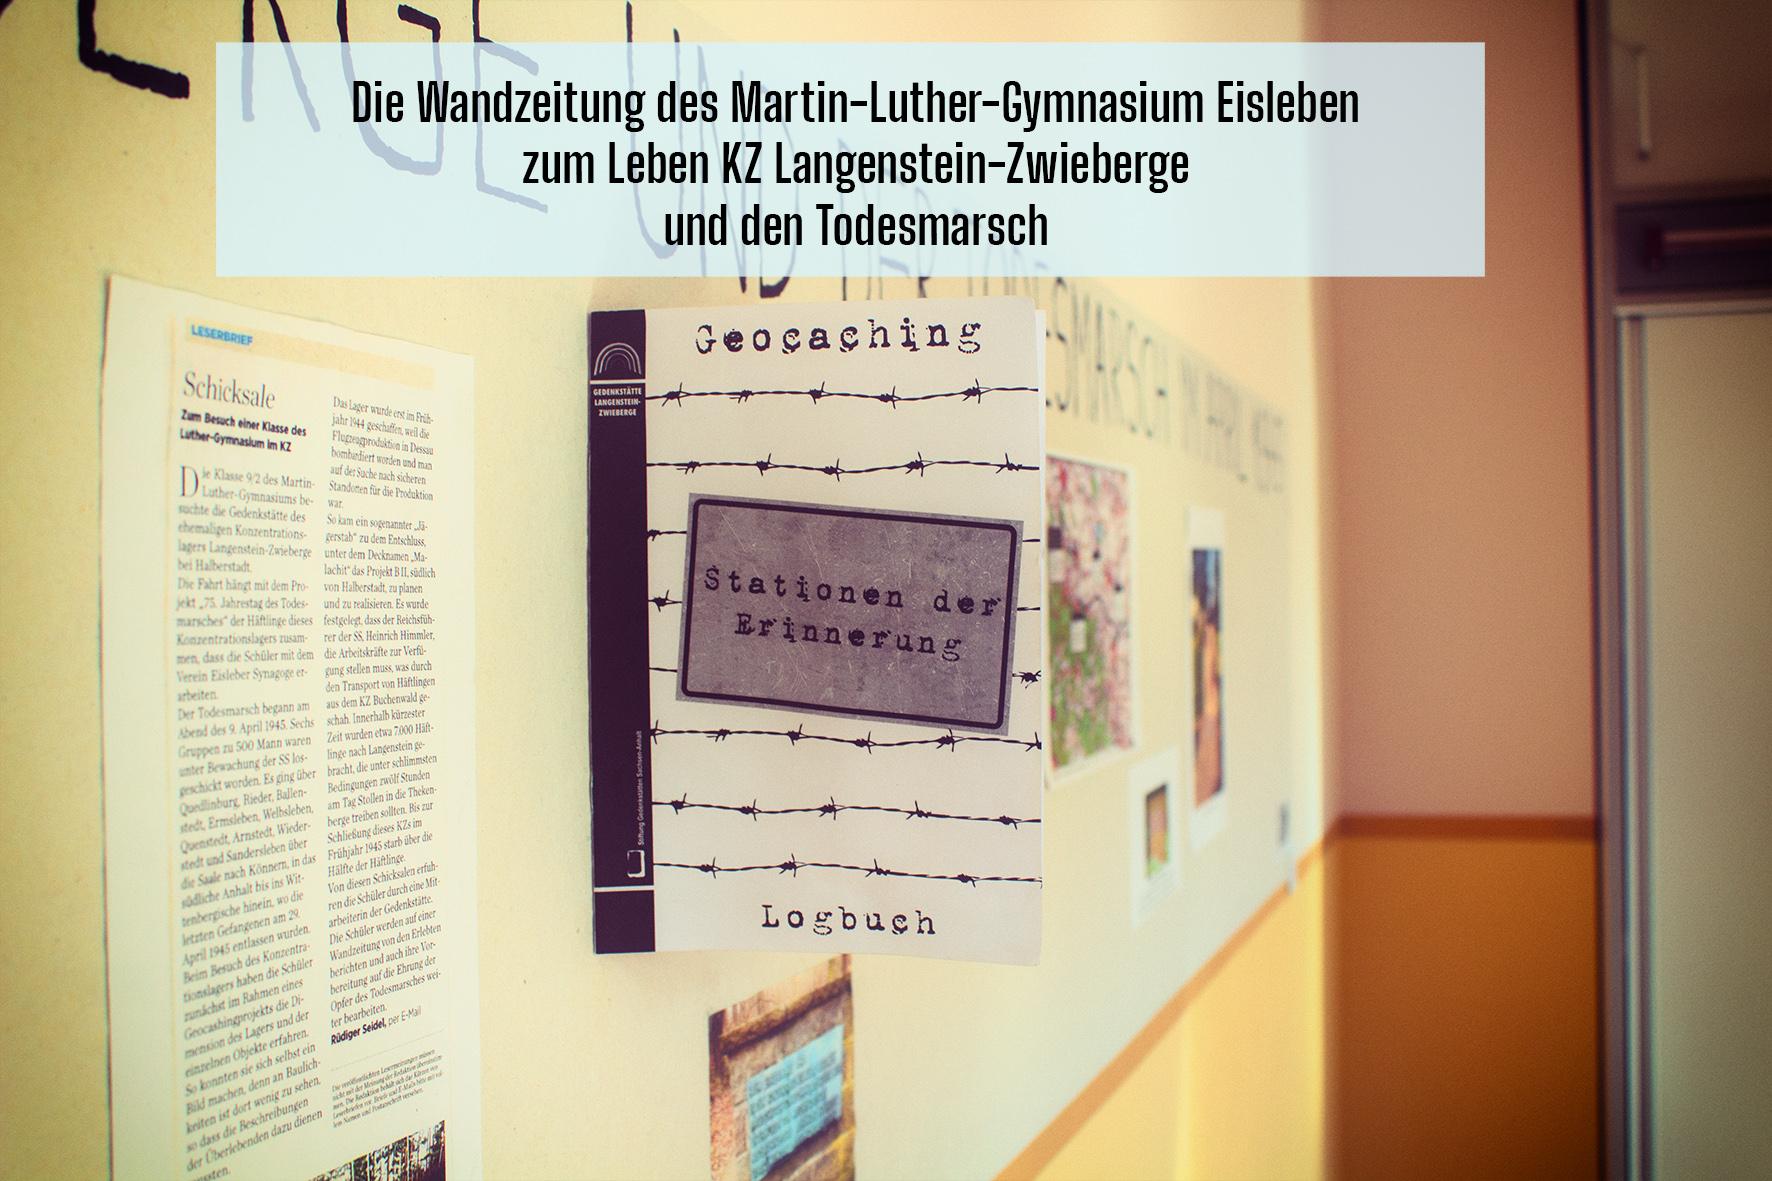 Wandzeitung intro